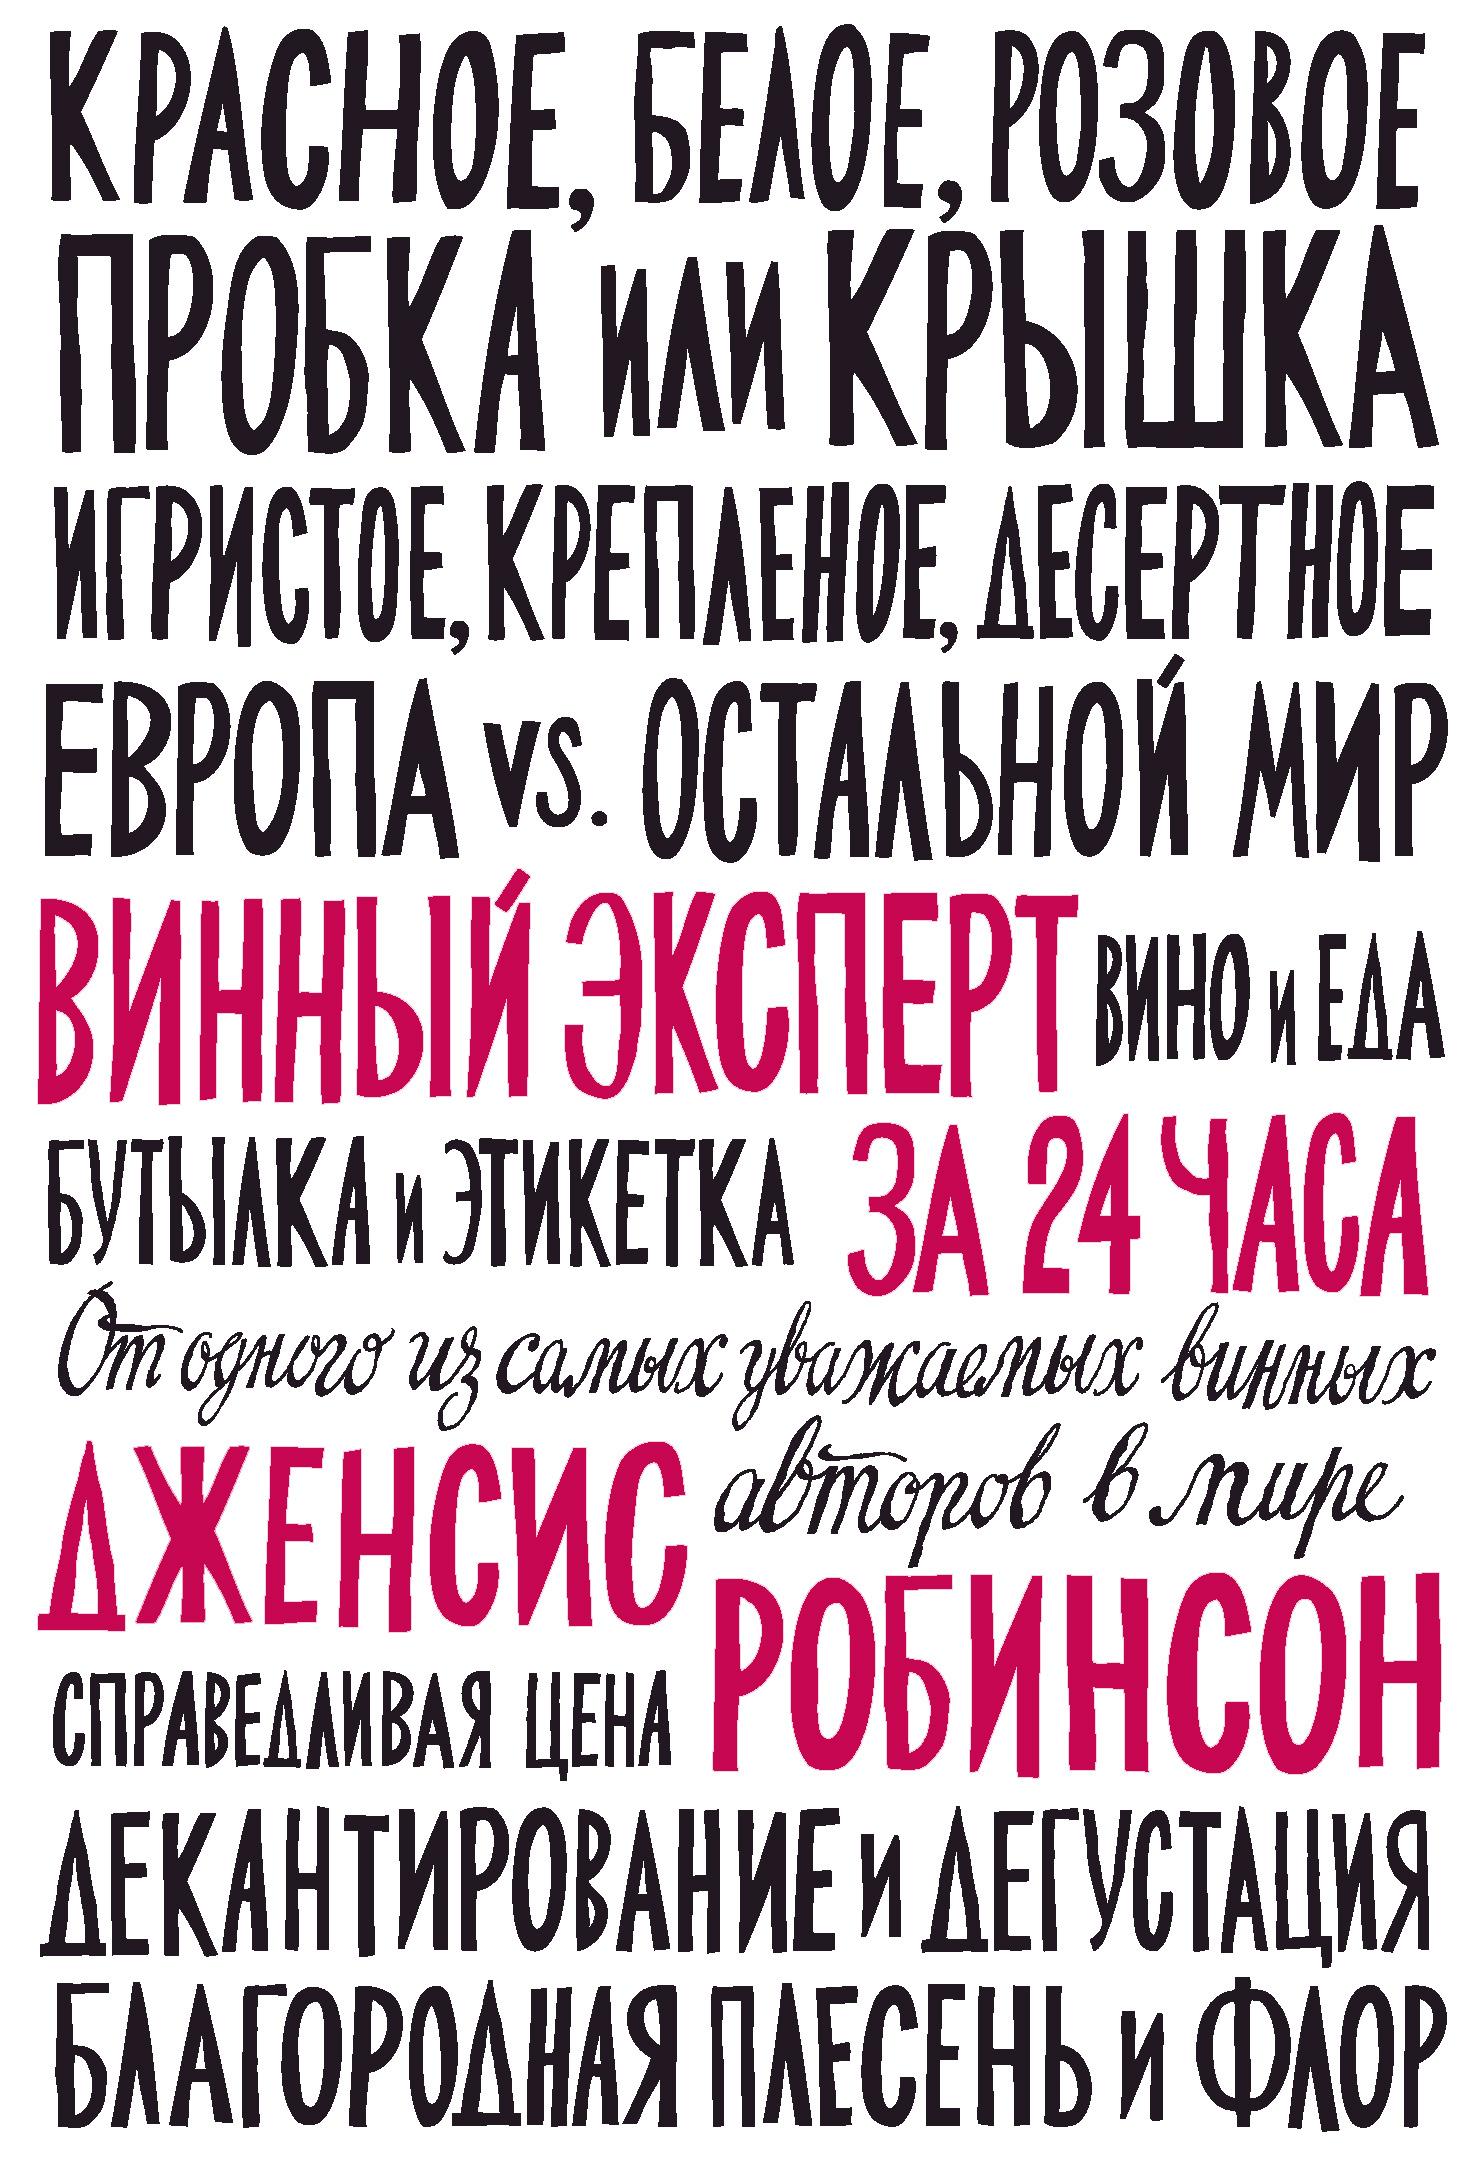 Дженсис Робинсон «Винный эксперт за 24 часа»